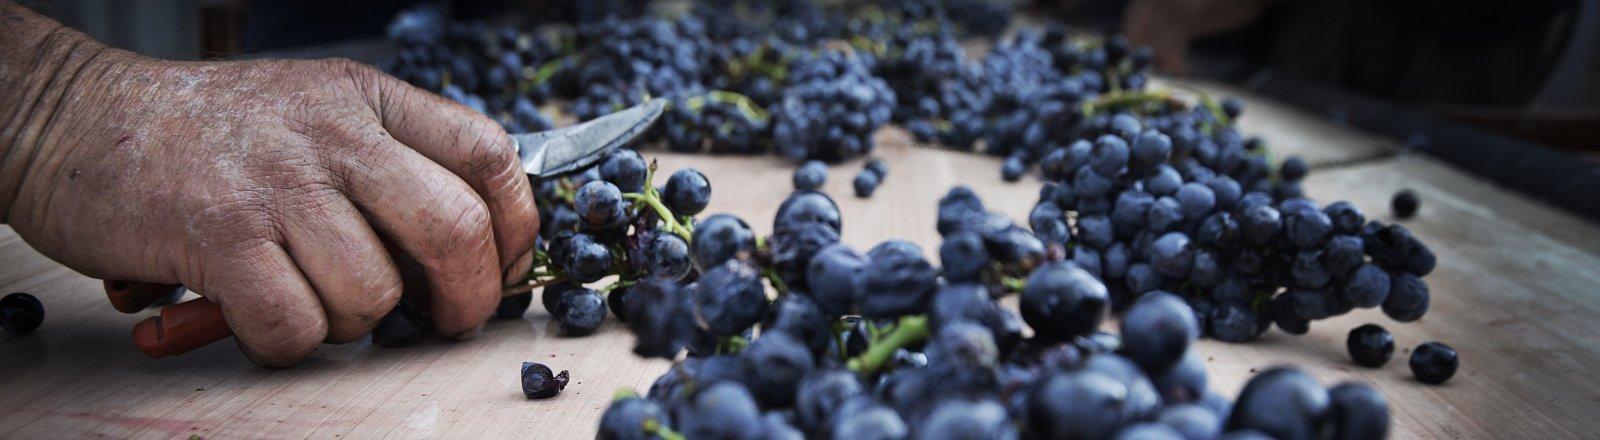 Travail de la vigne - Domaine de la Dourbie © Olivier Diaz de Zarate